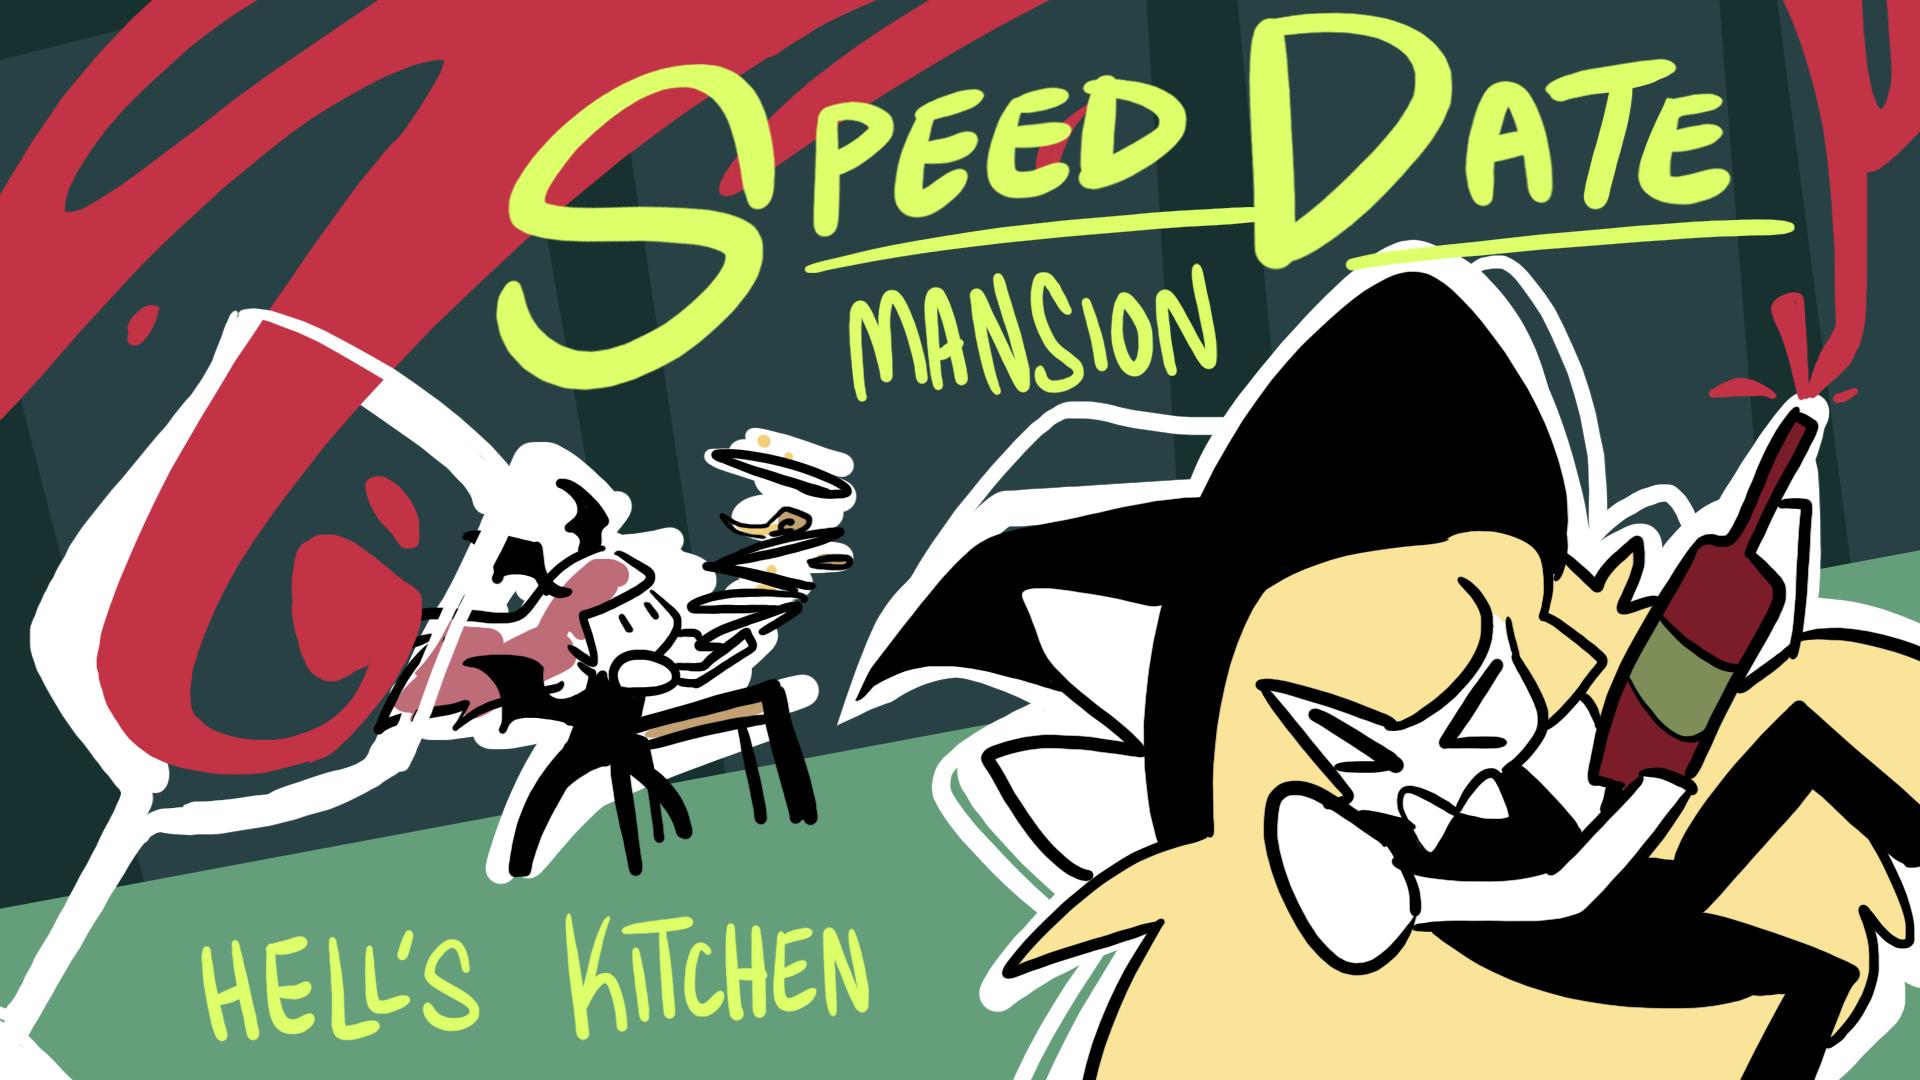 Speed Date Mansion: Hell's Kitchen